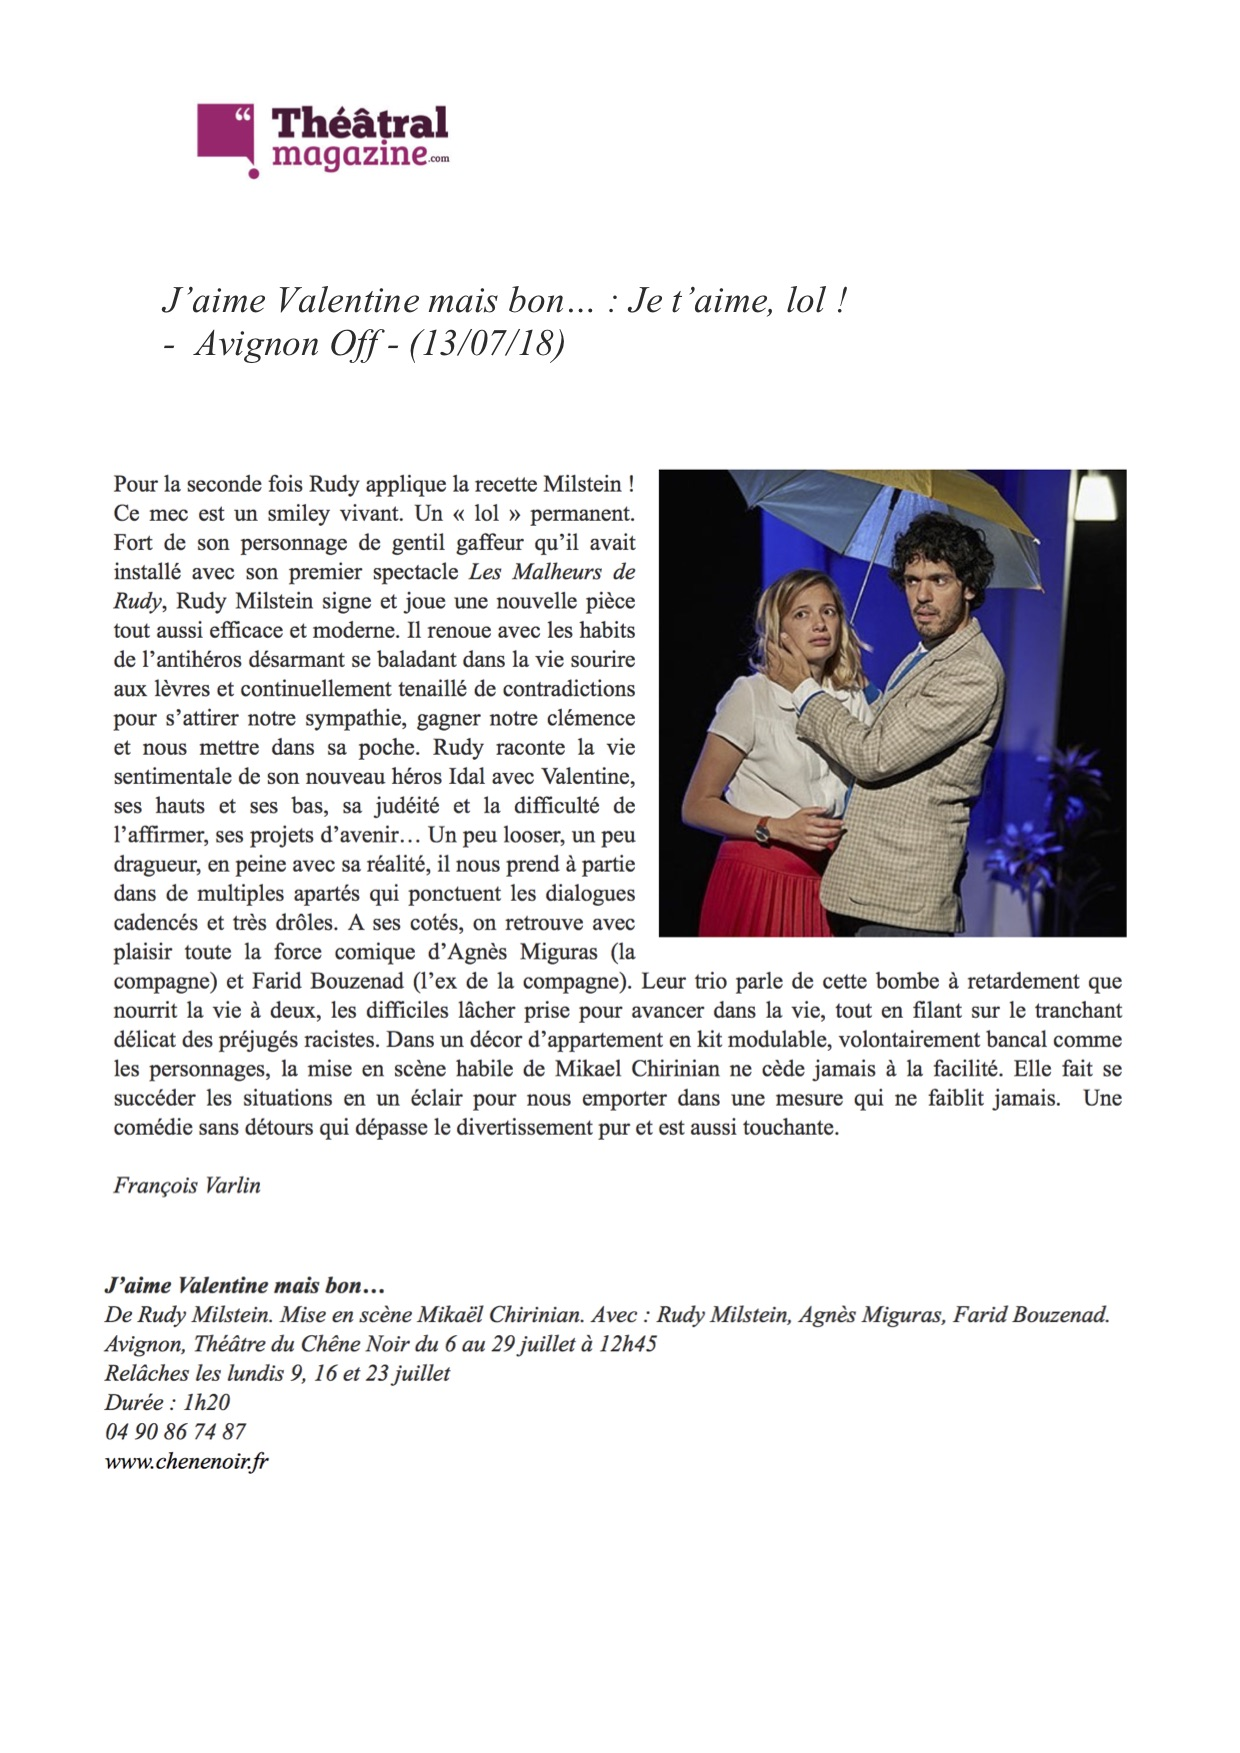 Théâtral Magazine 13.07.18